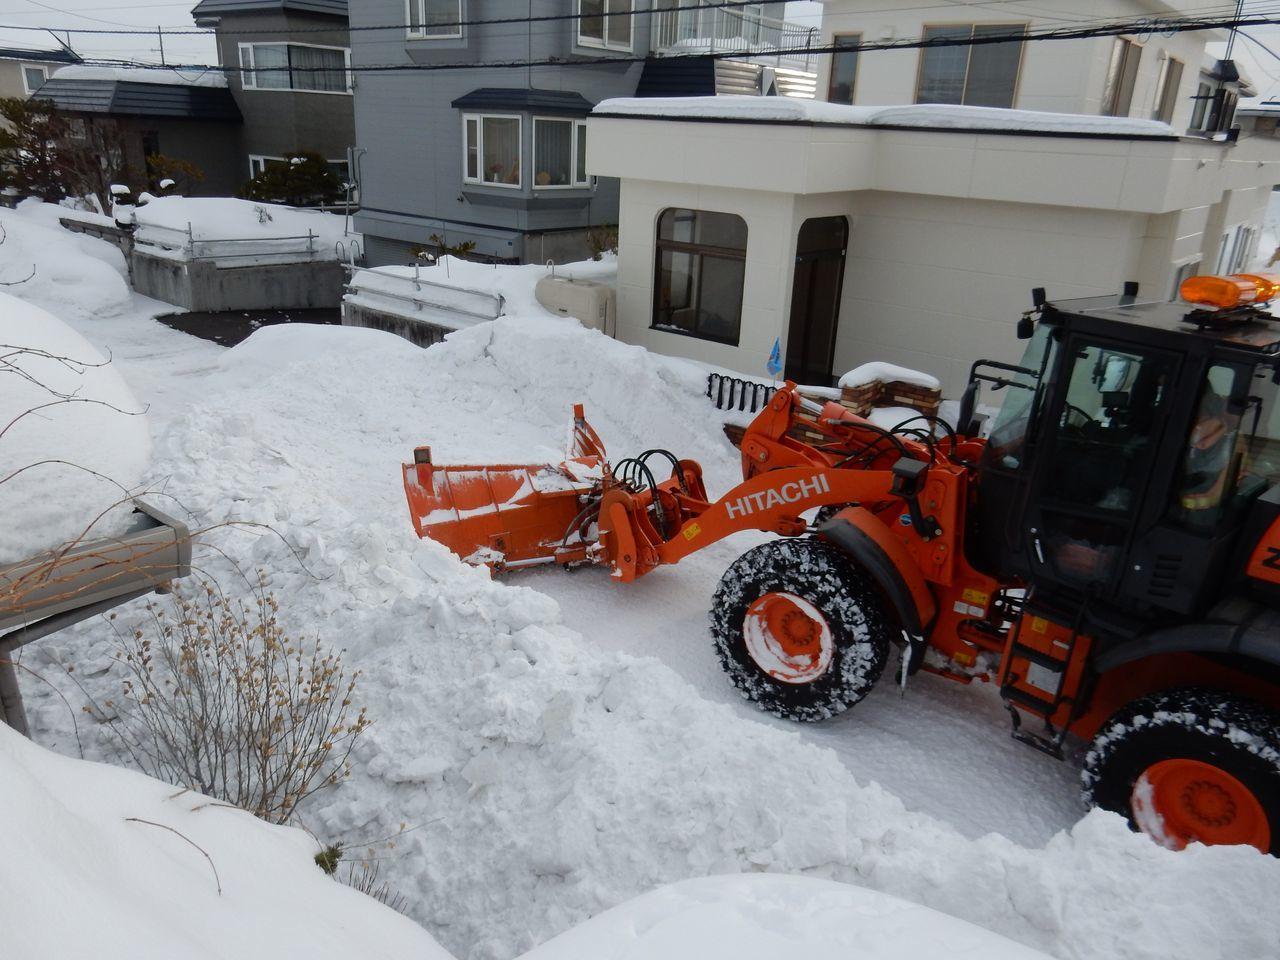 ようやく排雪チューズデー_c0025115_21575618.jpg